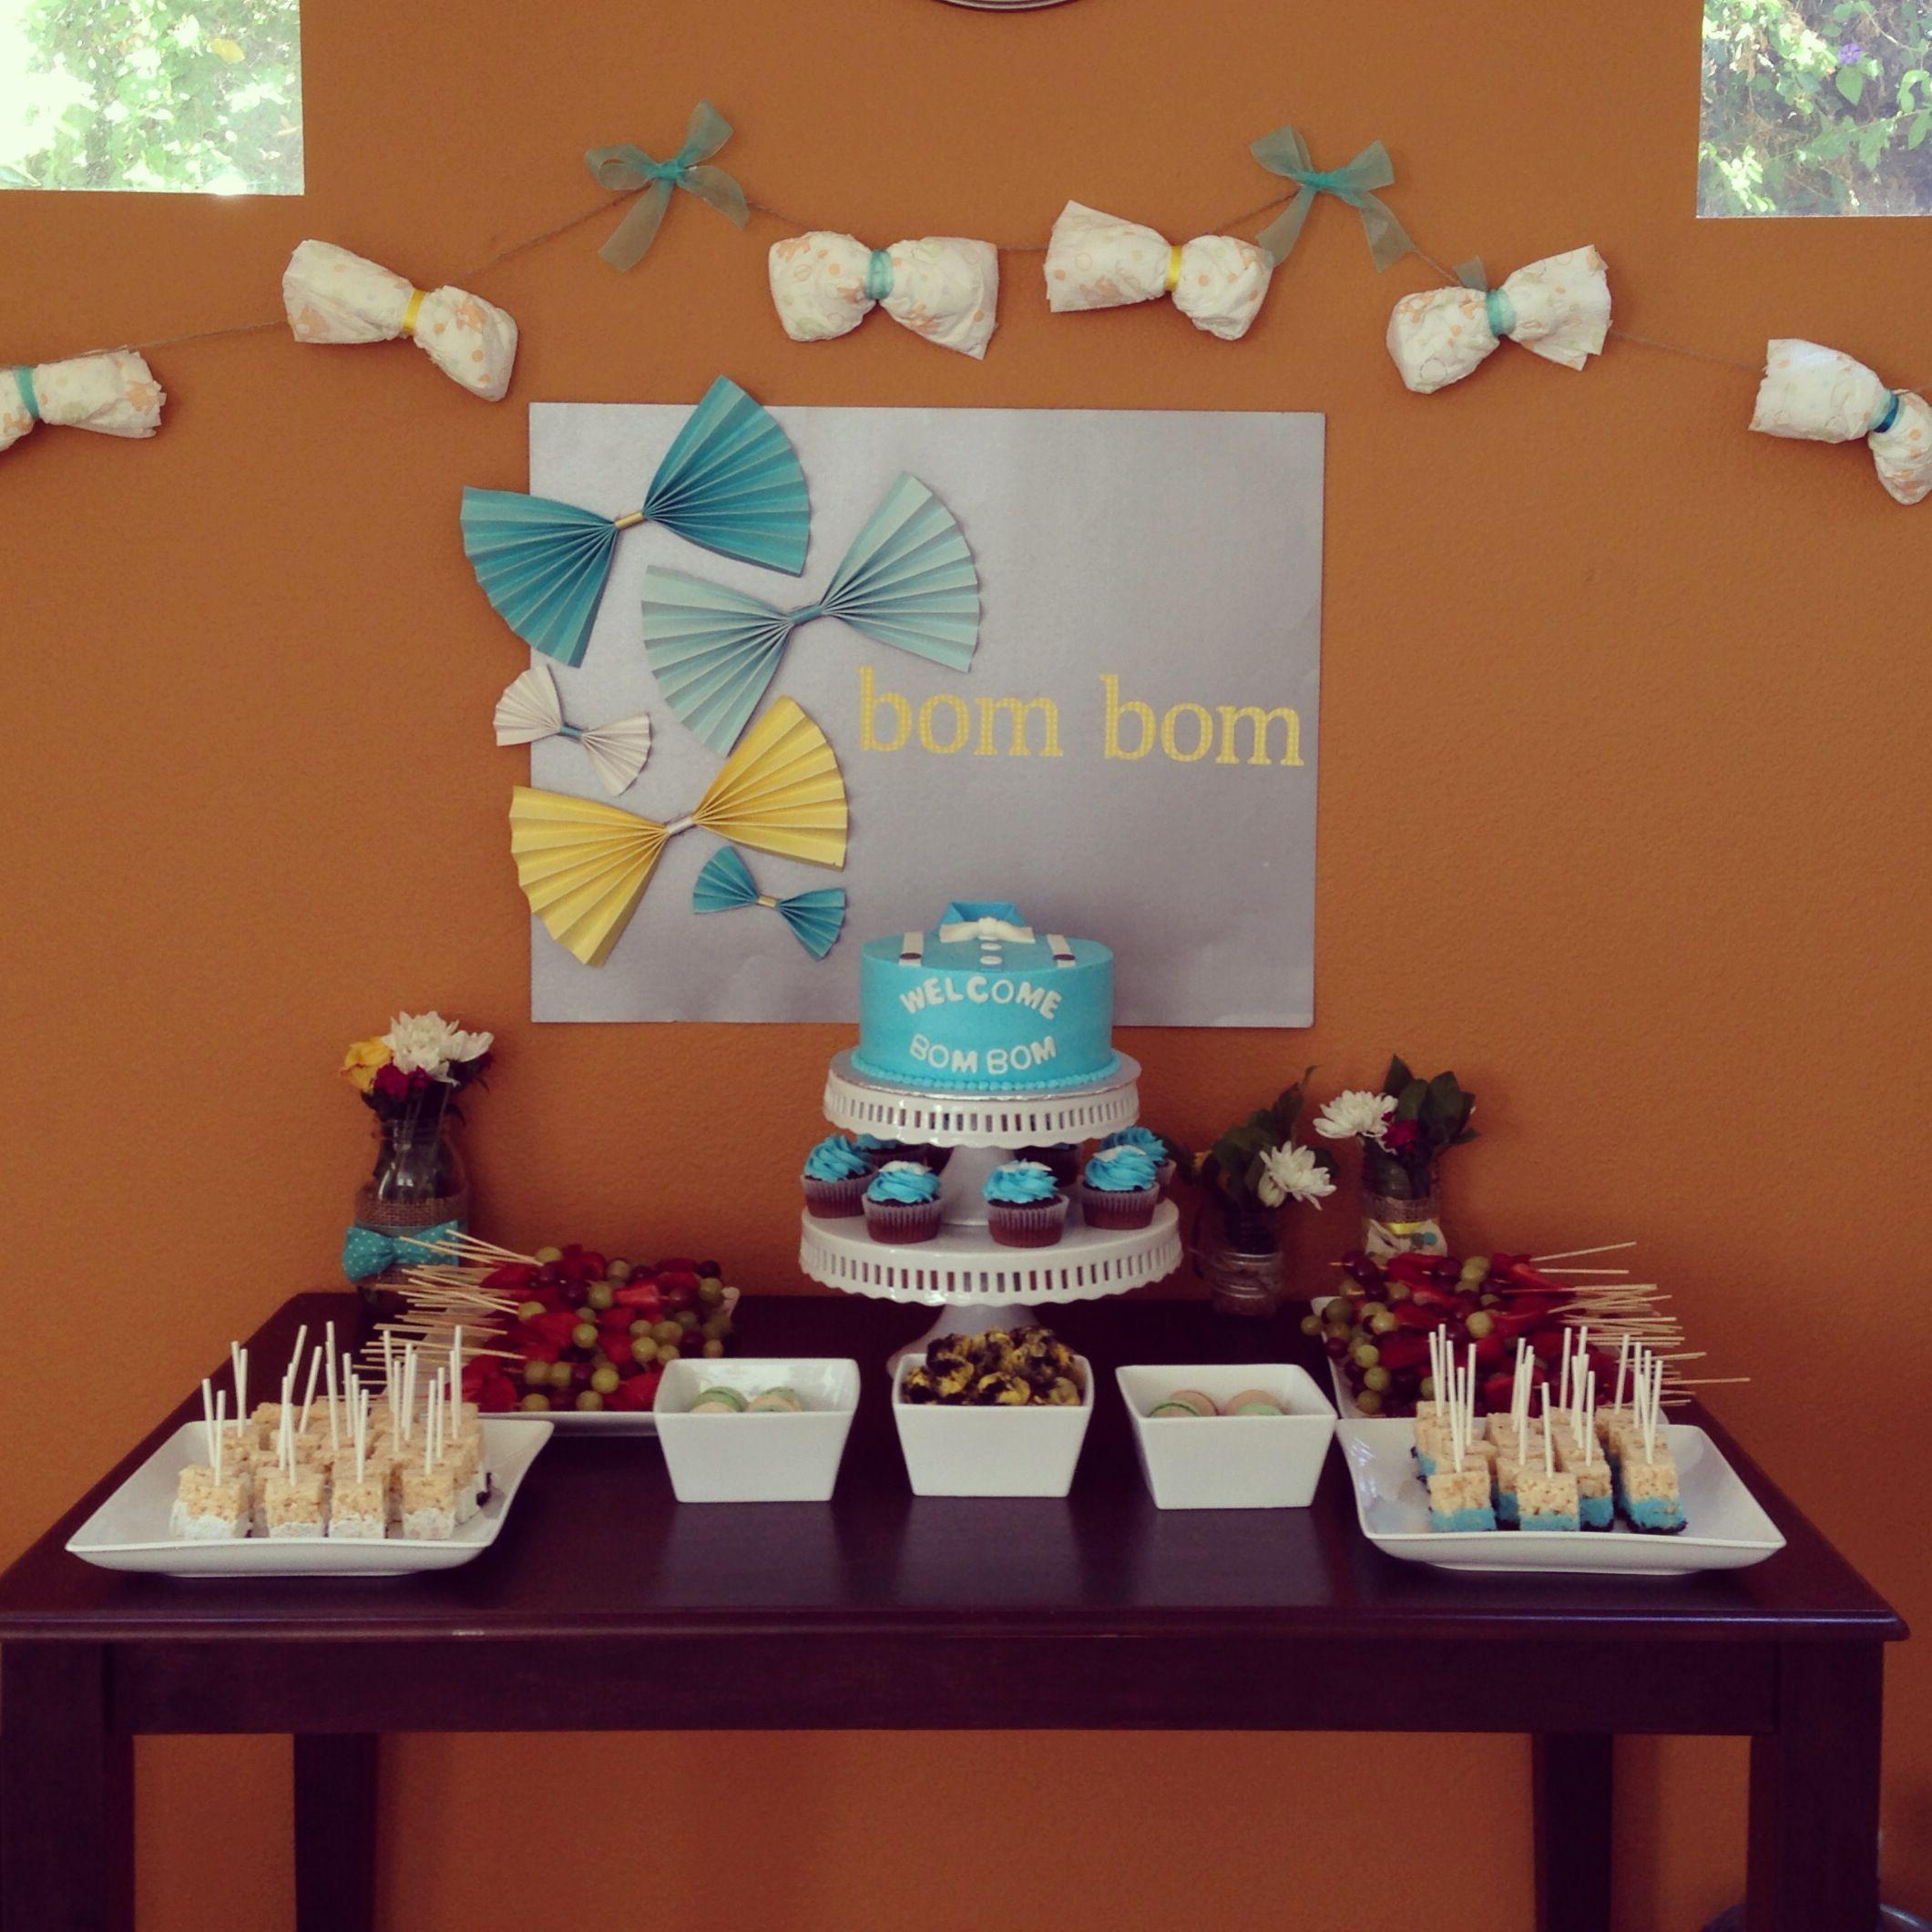 Bowtie Baby Shower Dessert Table.